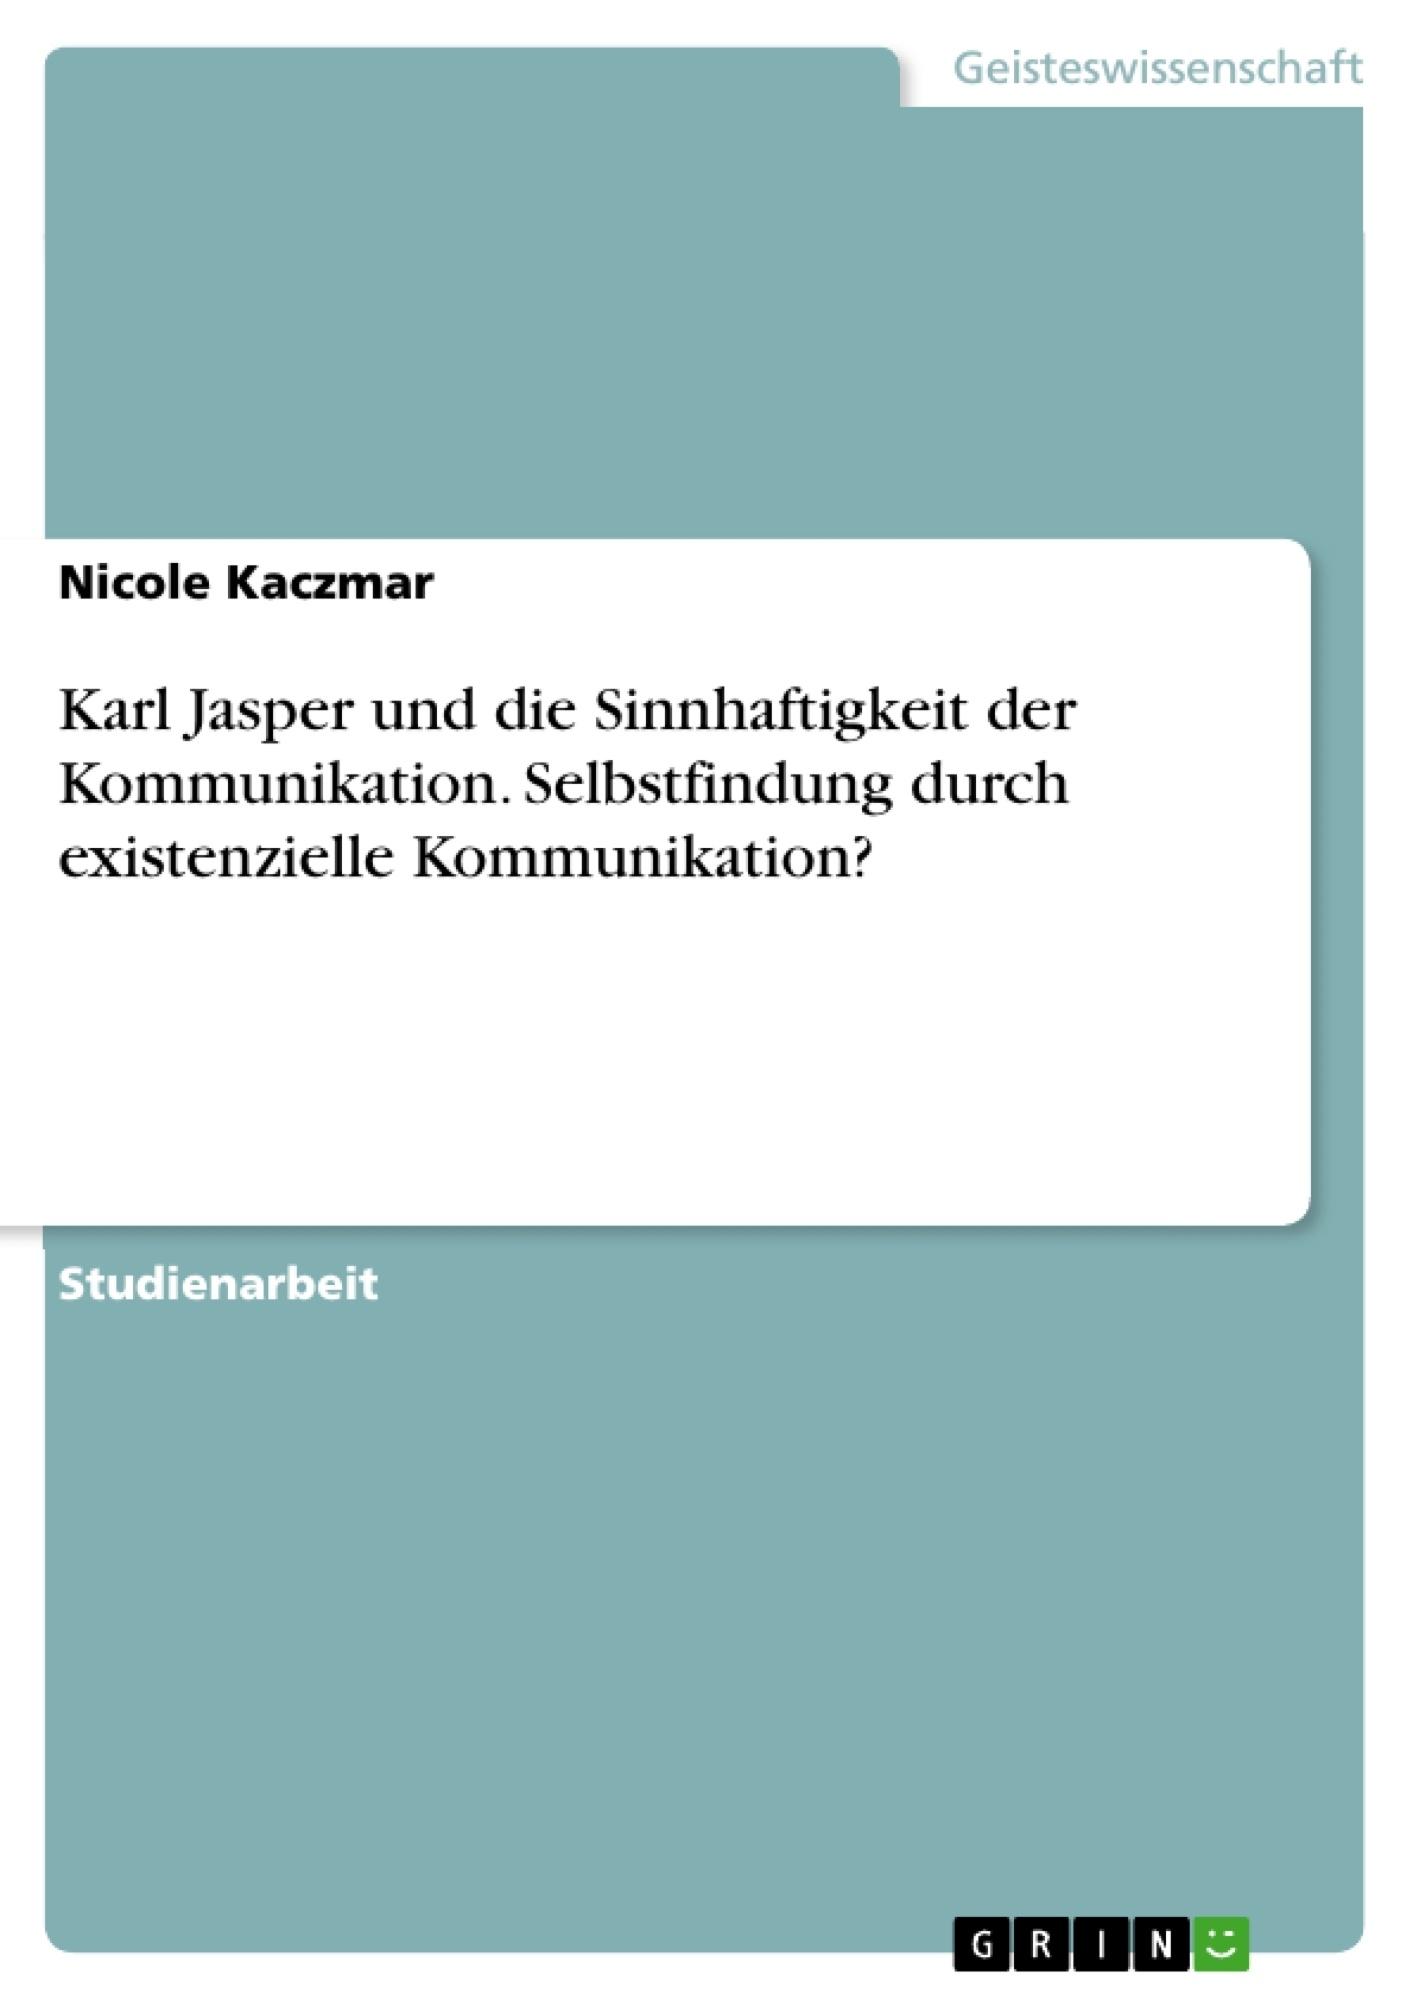 Titel: Karl Jasper und die Sinnhaftigkeit der Kommunikation. Selbstfindung durch existenzielle Kommunikation?